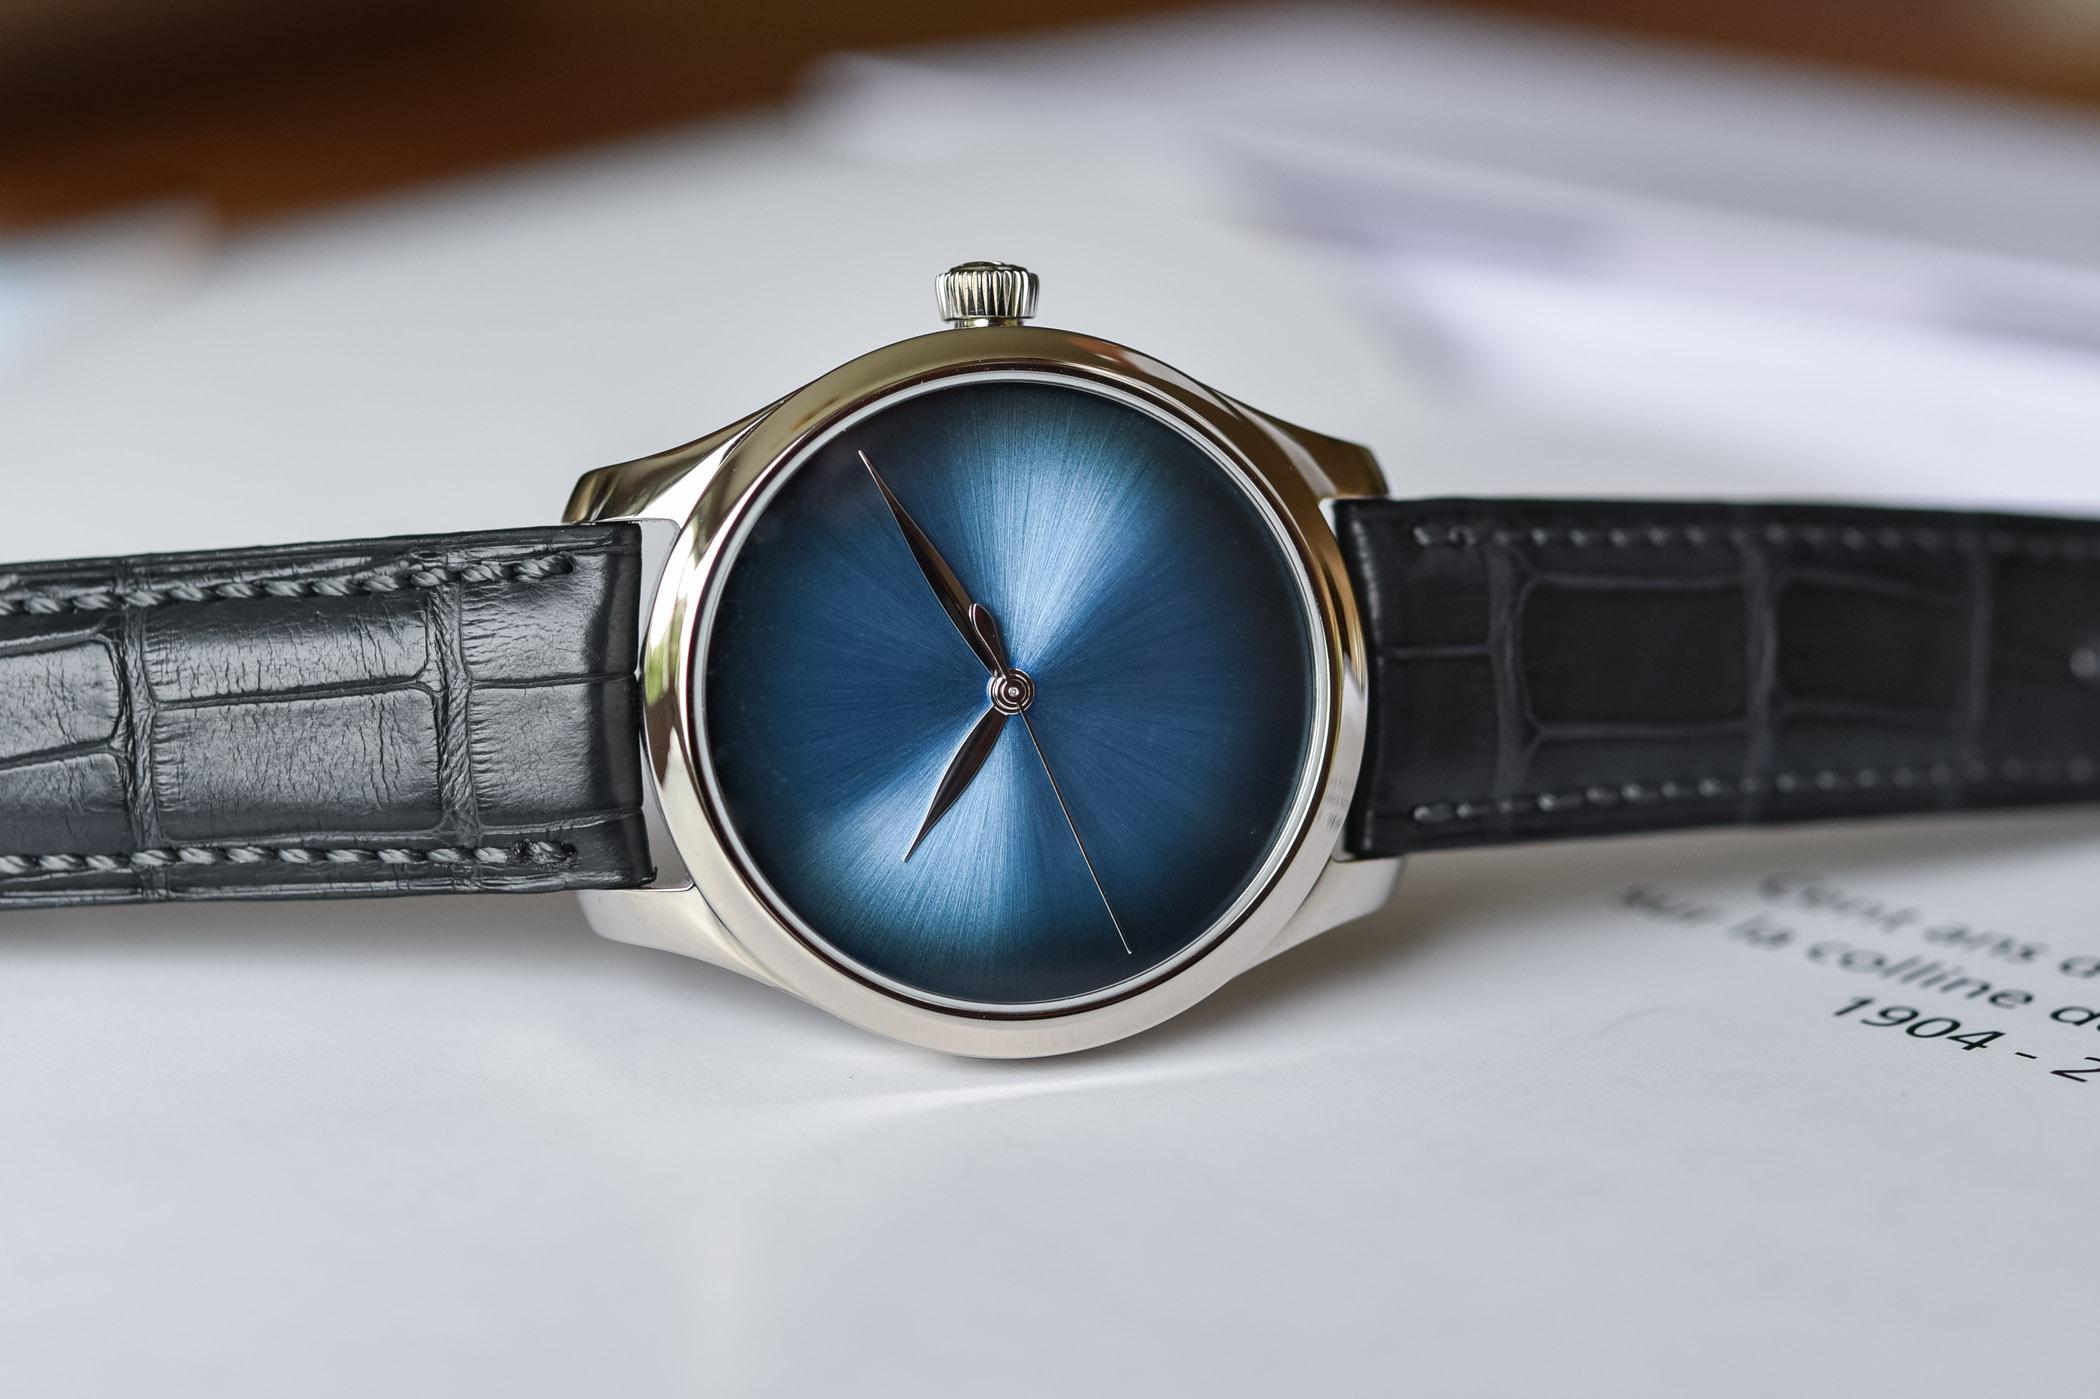 H Moser Cie Endeavour Centre Seconds Concept Funky Blue - 1